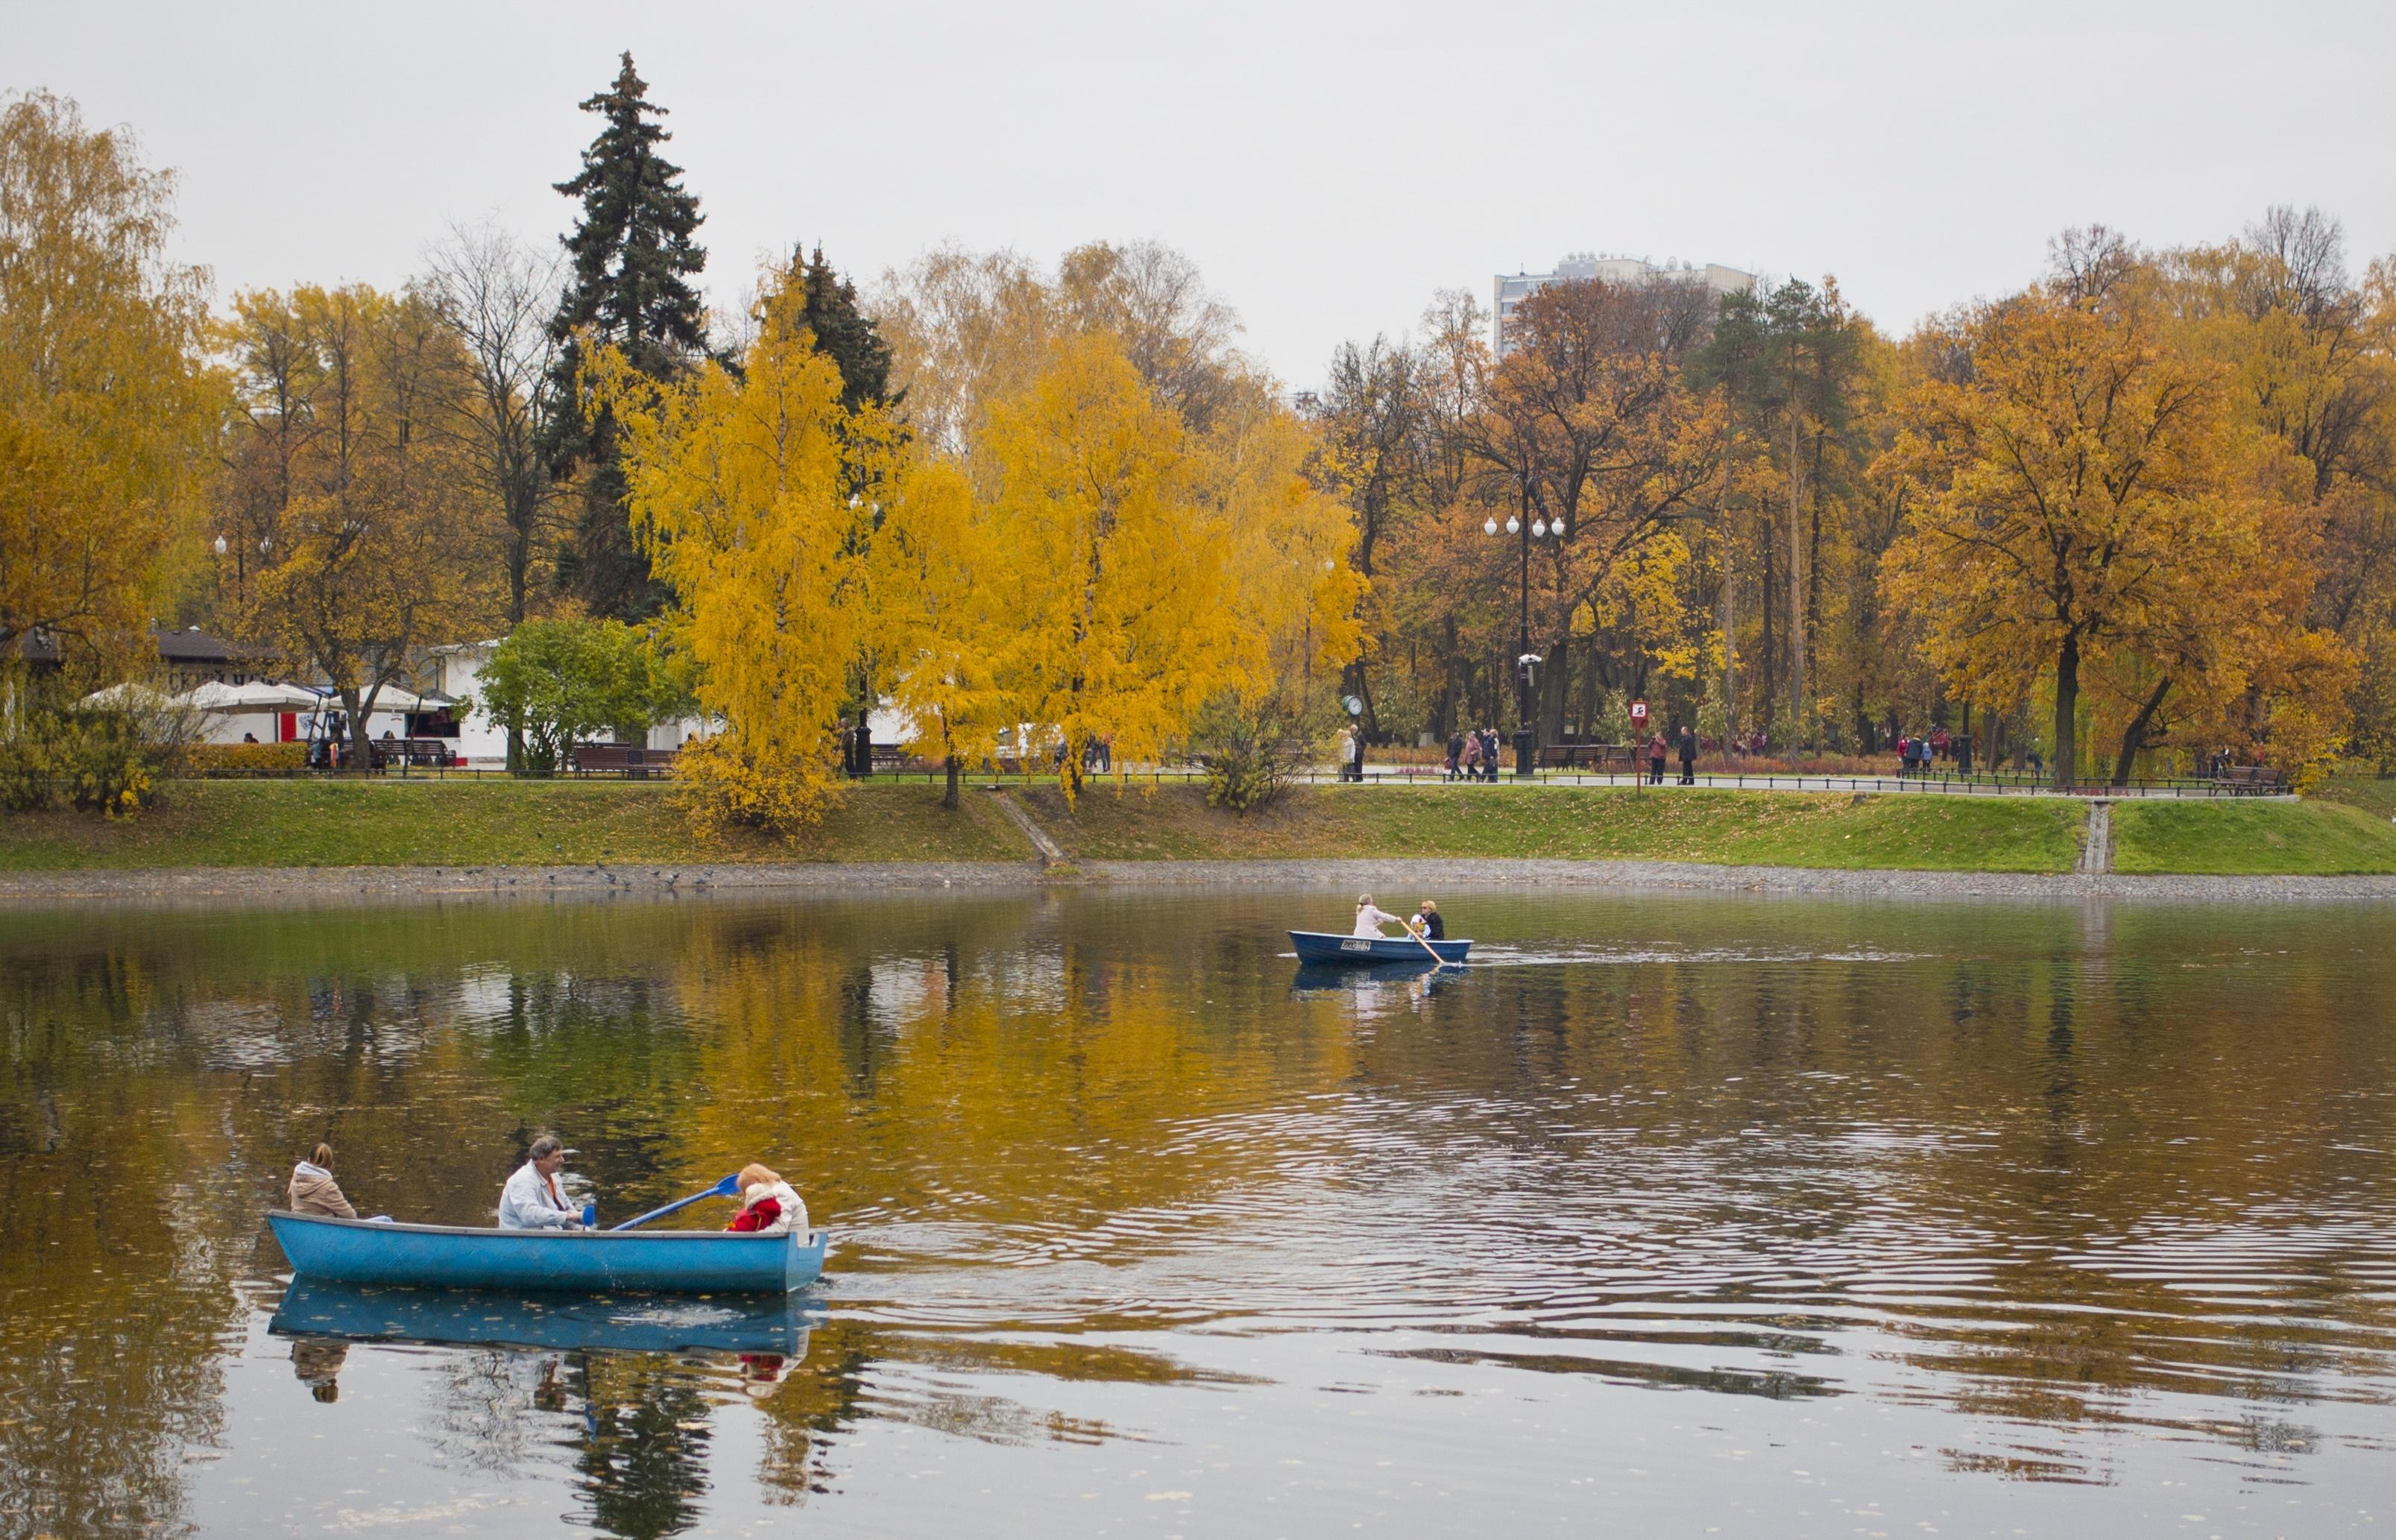 Цены на недвижимость в Москве 2019: прогноз экспертов и аналитиков новые фото